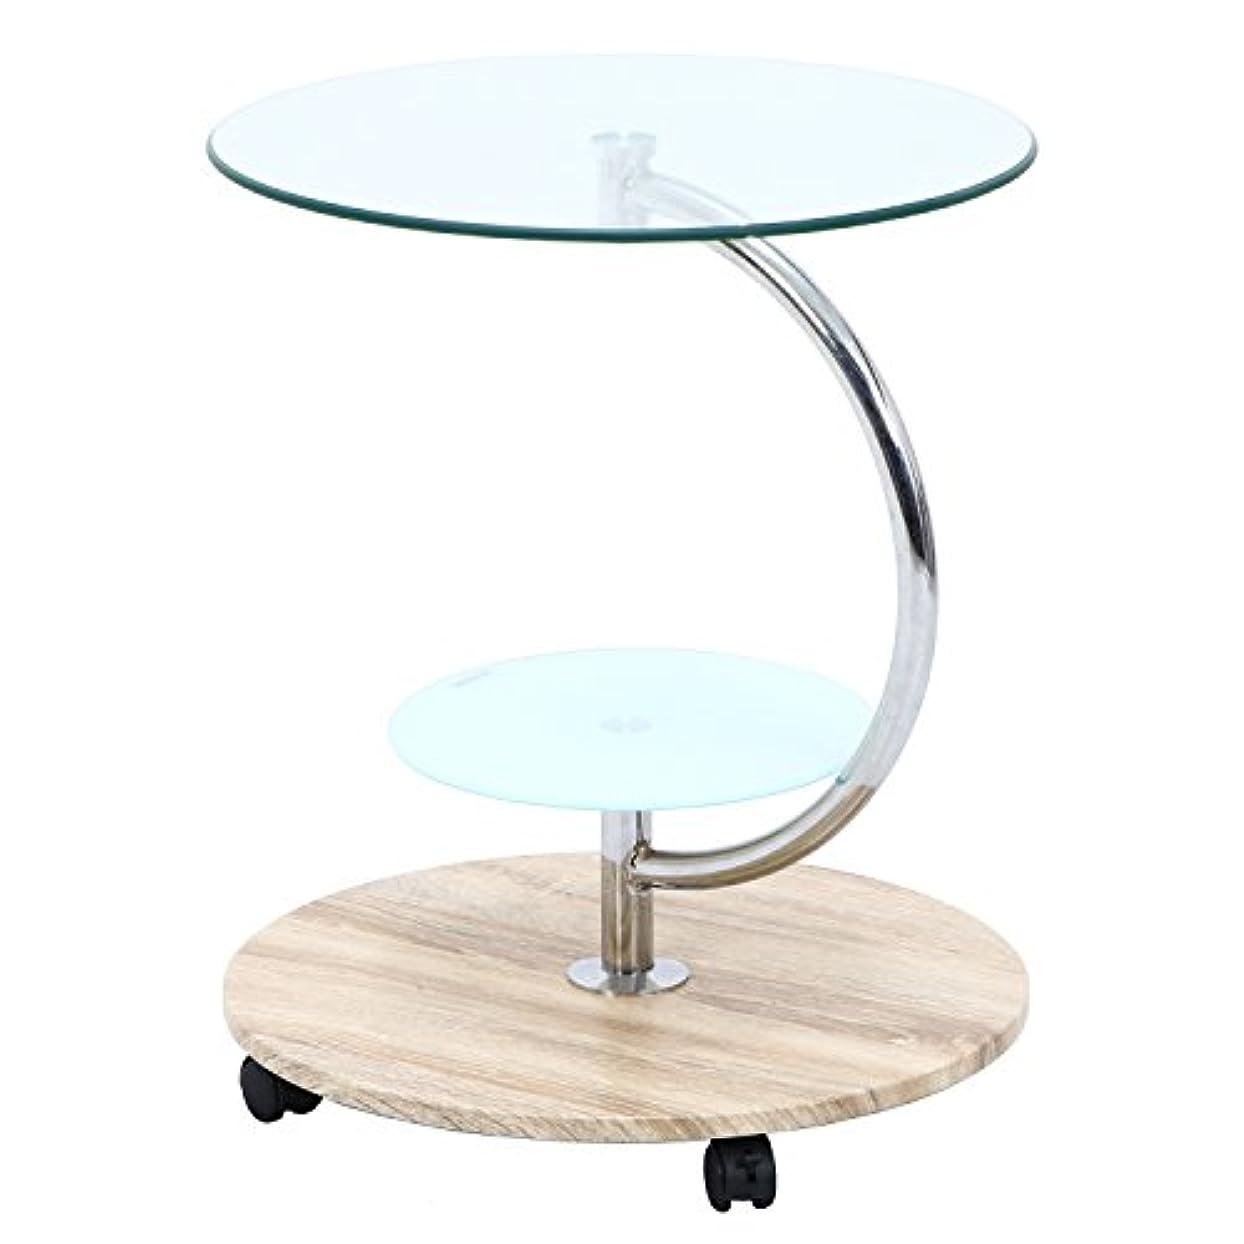 世辞書誌傑作不二貿易 テーブル 直径50cm ナチュラル ラウンド 強化ガラス キャスター付き marble 96229